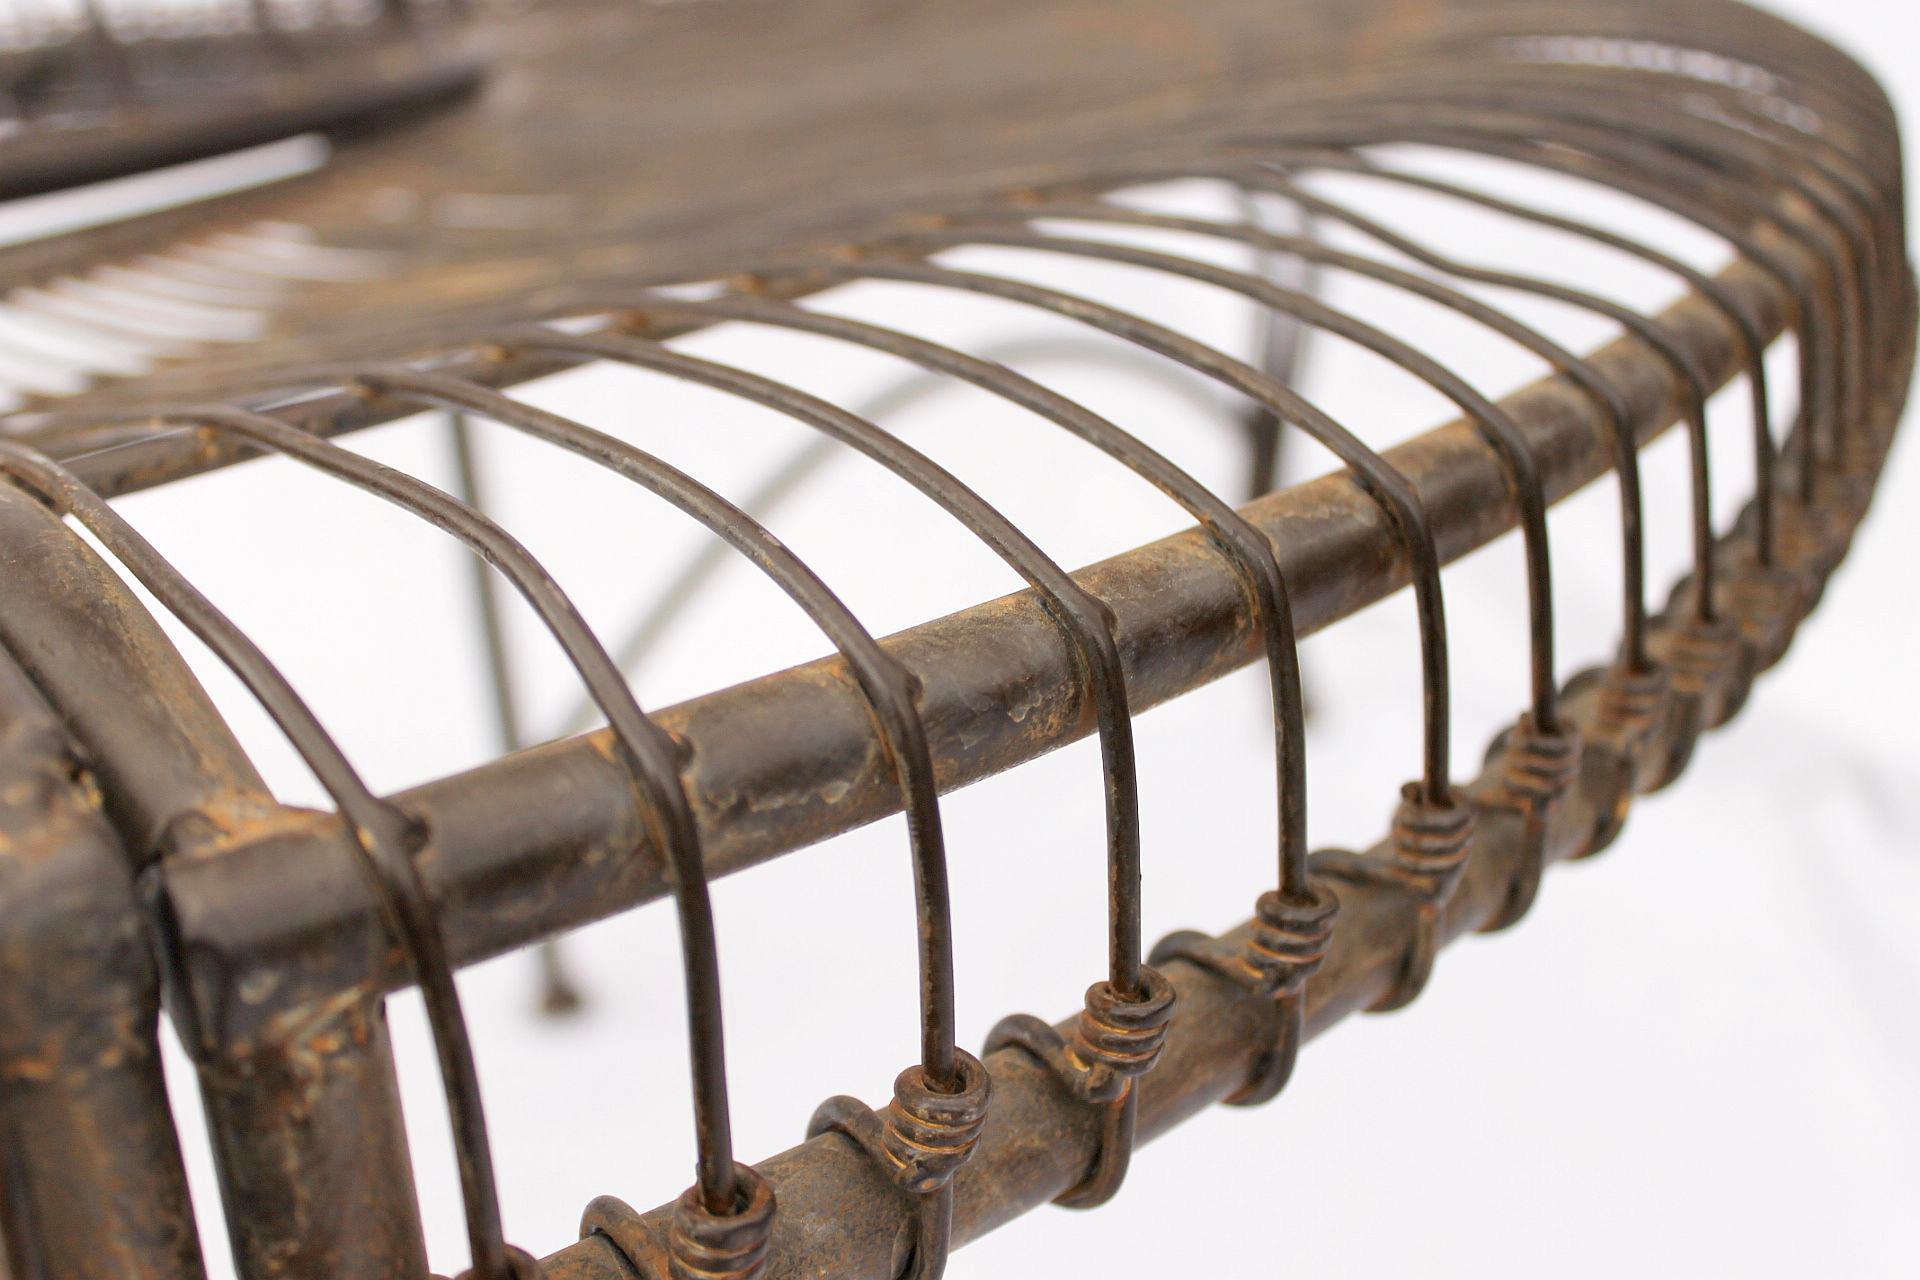 Panchina Rotonda : Panchina rotonda in metallo panca jc112404 da albero giardino d 150